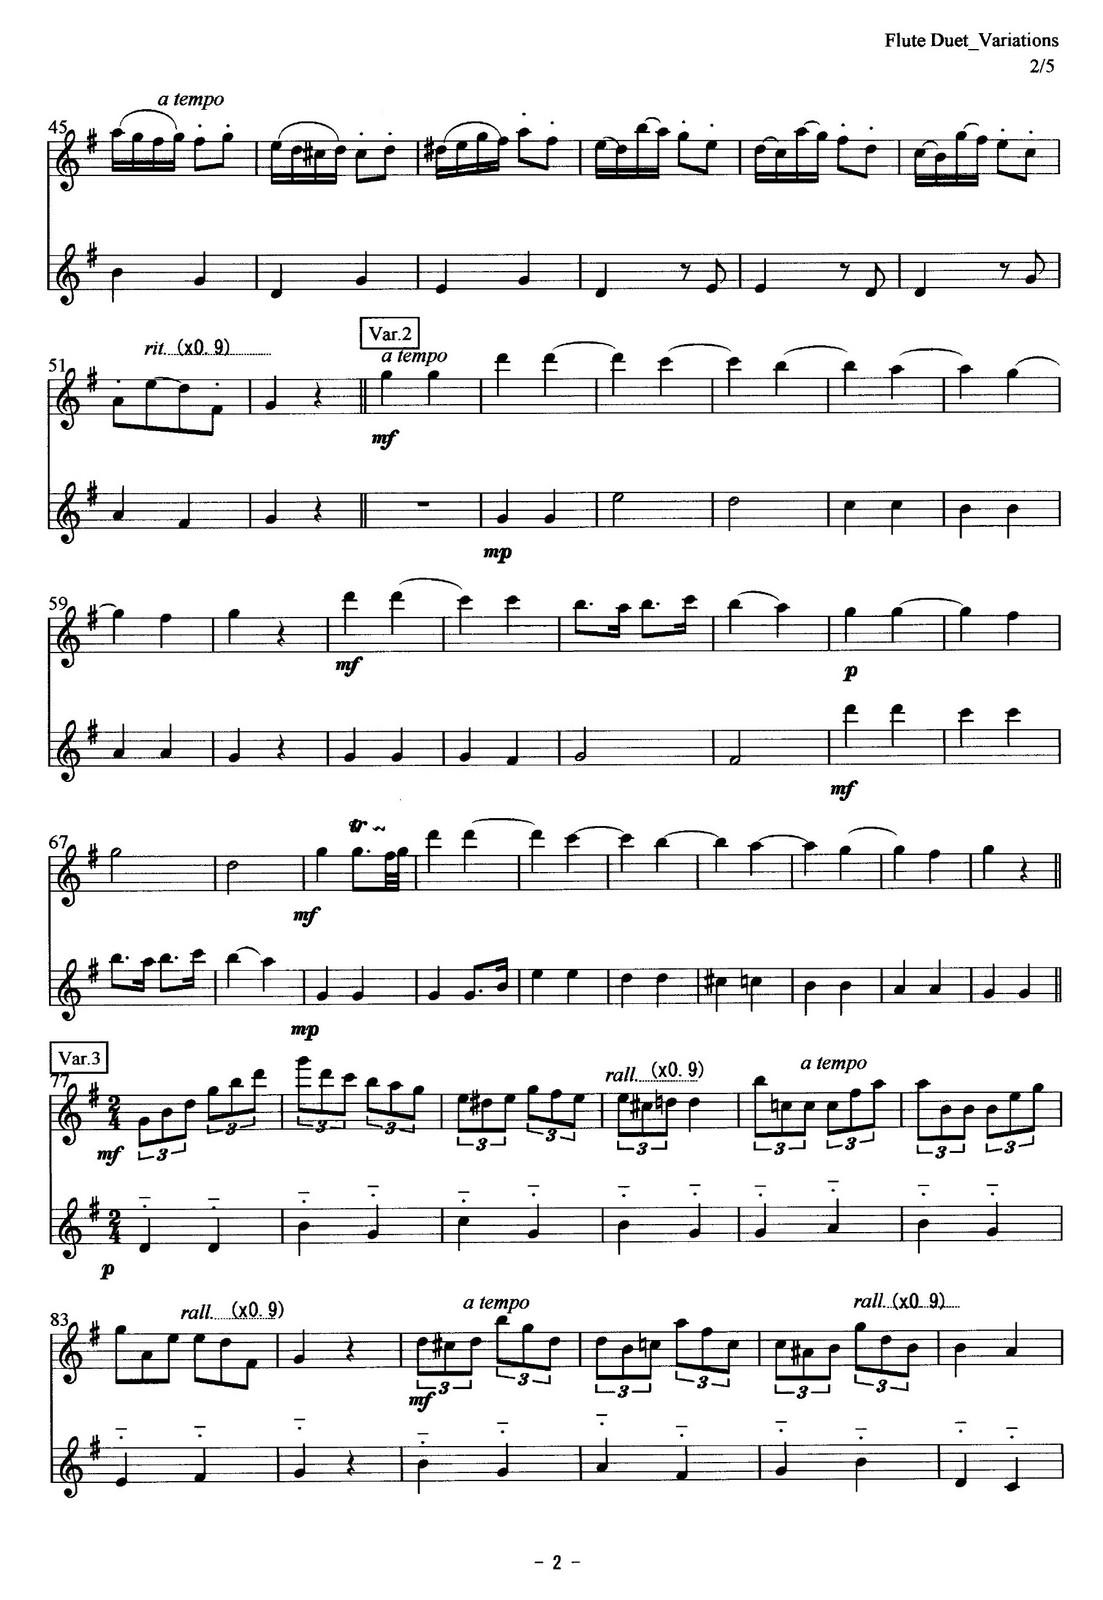 きらきら 星 変奏 曲 きらきら星変奏曲 - Wikipedia